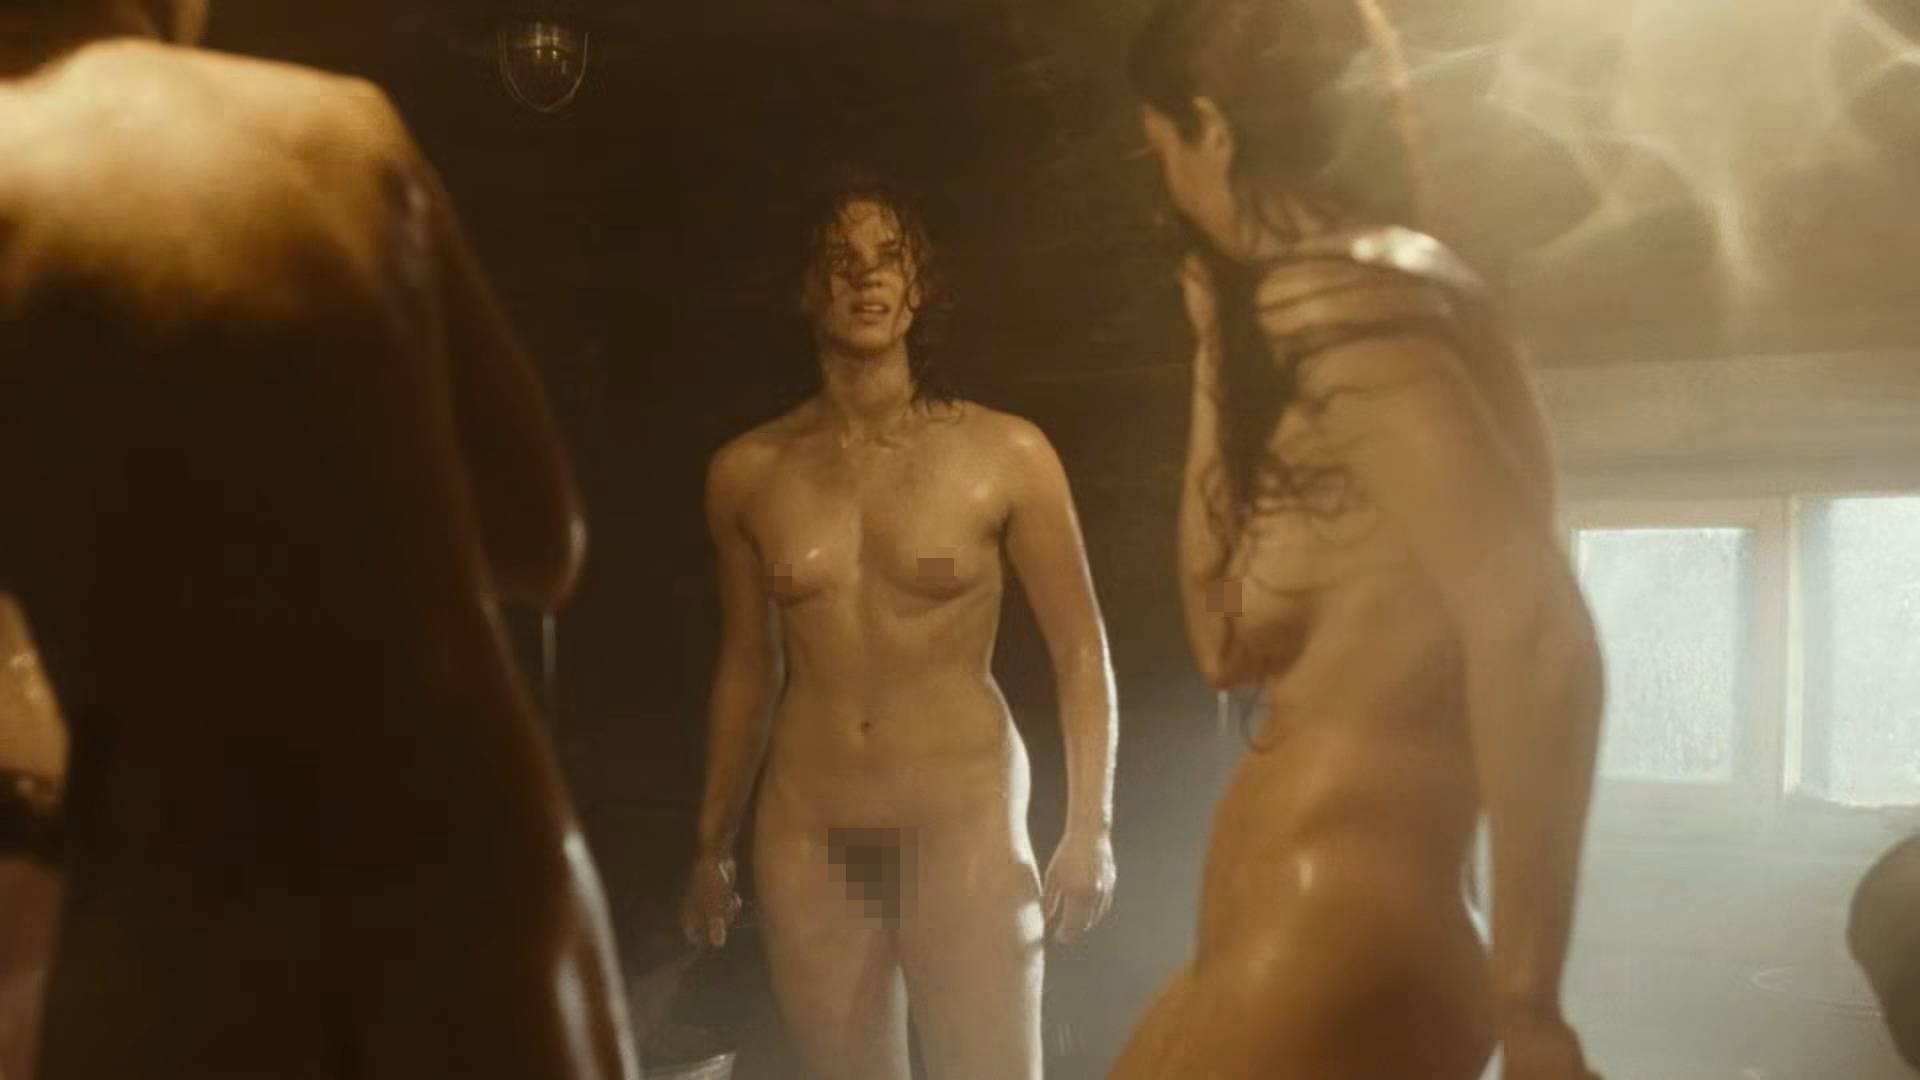 epizodi-rossiyskih-erotitechkih-filmov-video-porno-video-s-dzhonom-holmsom